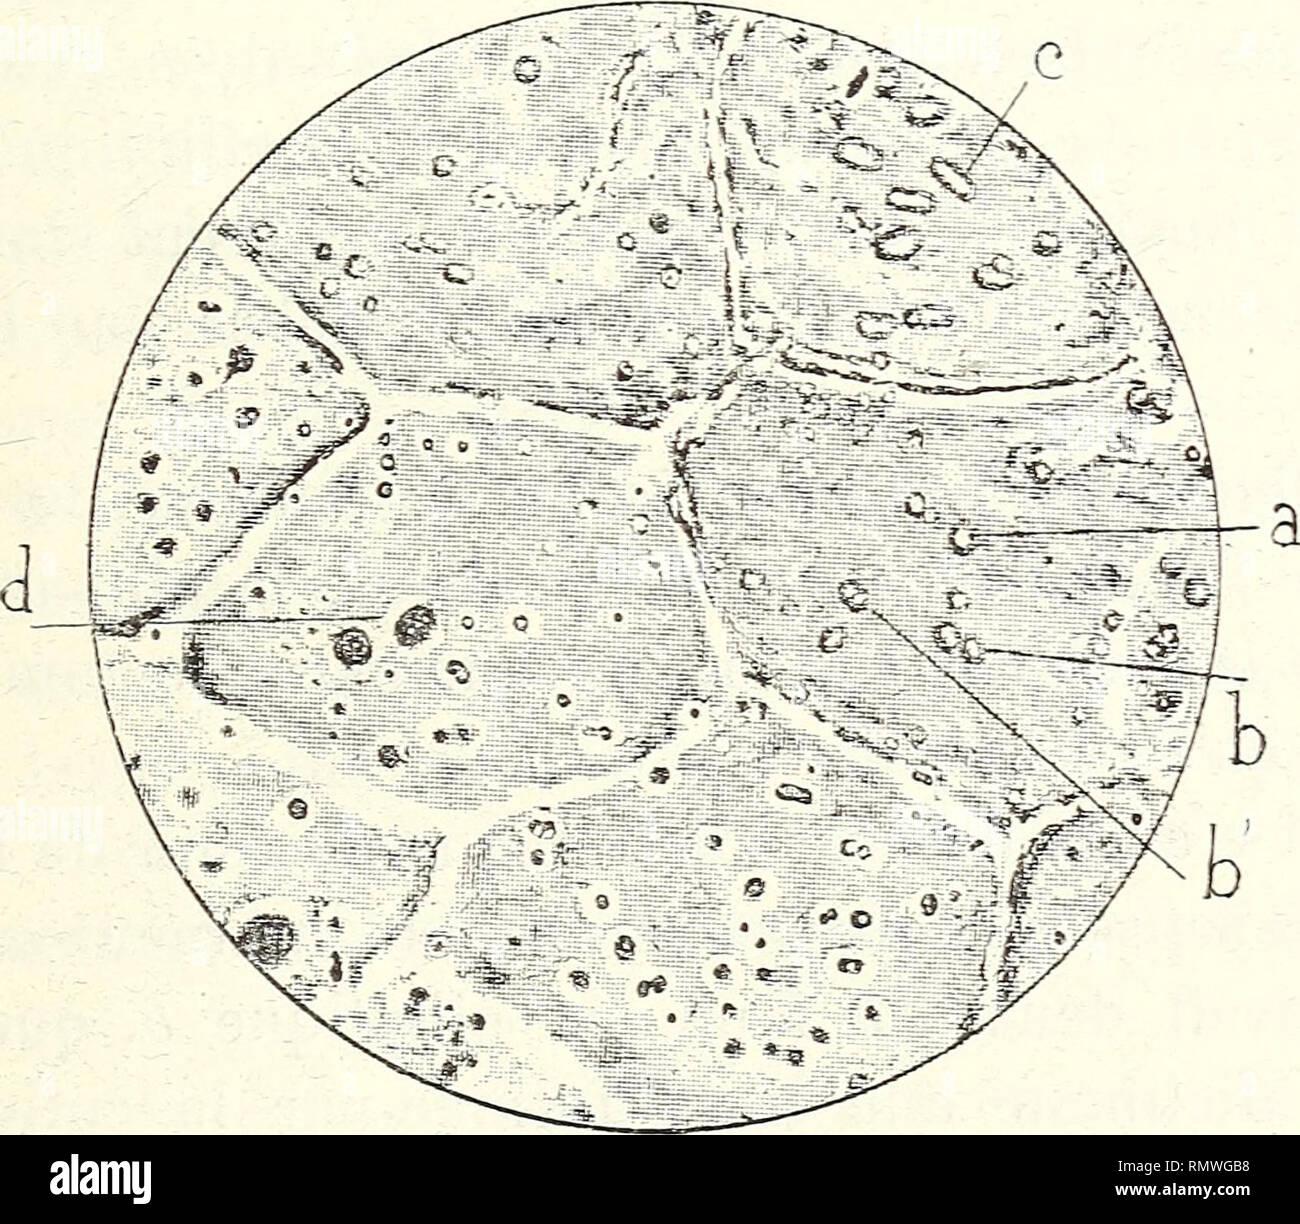 . Annales des Sciences Naturelles Botaniques. RECHERCHES SUR LES BACTÉRIACÉES FOSSILES. 325 mètre des Microcoques d'où ils dérivent, et comme longueur la somme de leurs diamètres. Dans bien des cas, on distingue autour des Microcoques, quel que soit leur mode dégroupement, un espace circulaire ou elliptique [a, fig. 29, «, fig. 30), plus clair, où la mem- brane végétale paraît avoir subi une altération due sans. Fig. 32. — Portion de cuticule traitée à chaud par l'acide chlorhydrique étendu 850 ——« — a, traces laissées par le départ des Microcoques isolés ; b, traces lais- sées par des diploco - Stock Image